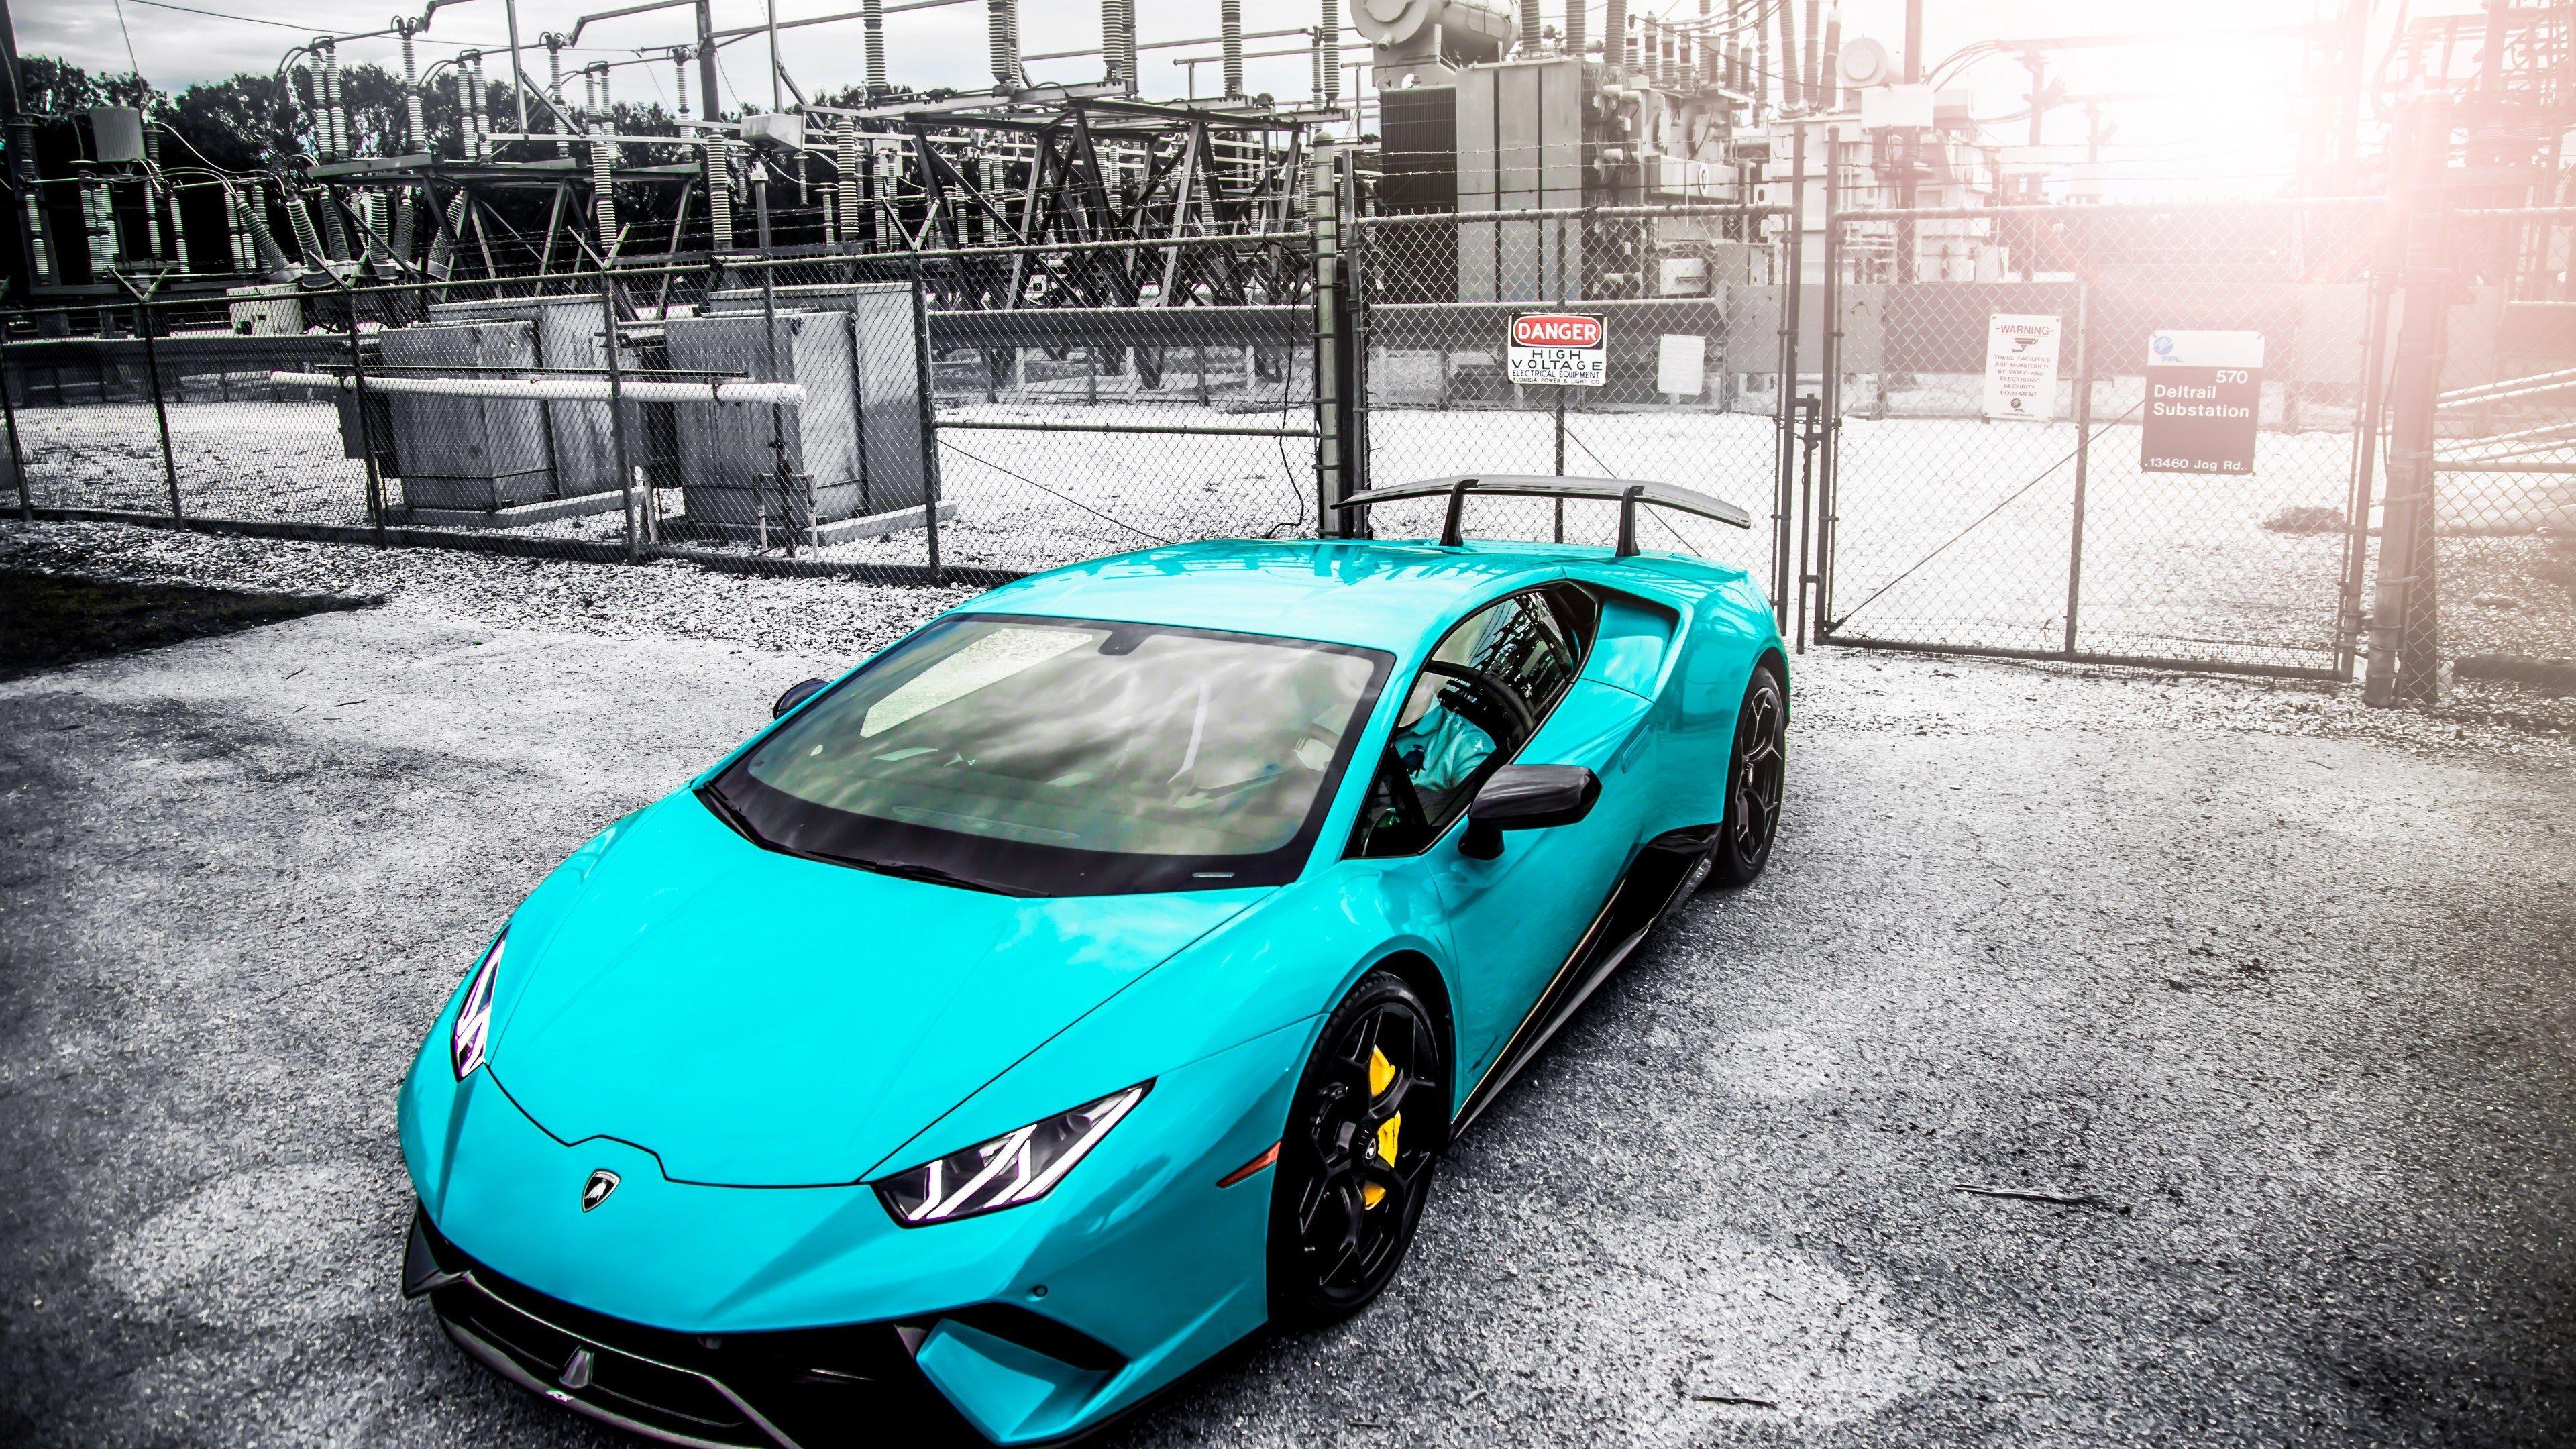 Lamborghini Huracan Lp610 4 Lamborghini Wallpapers Lamborghini